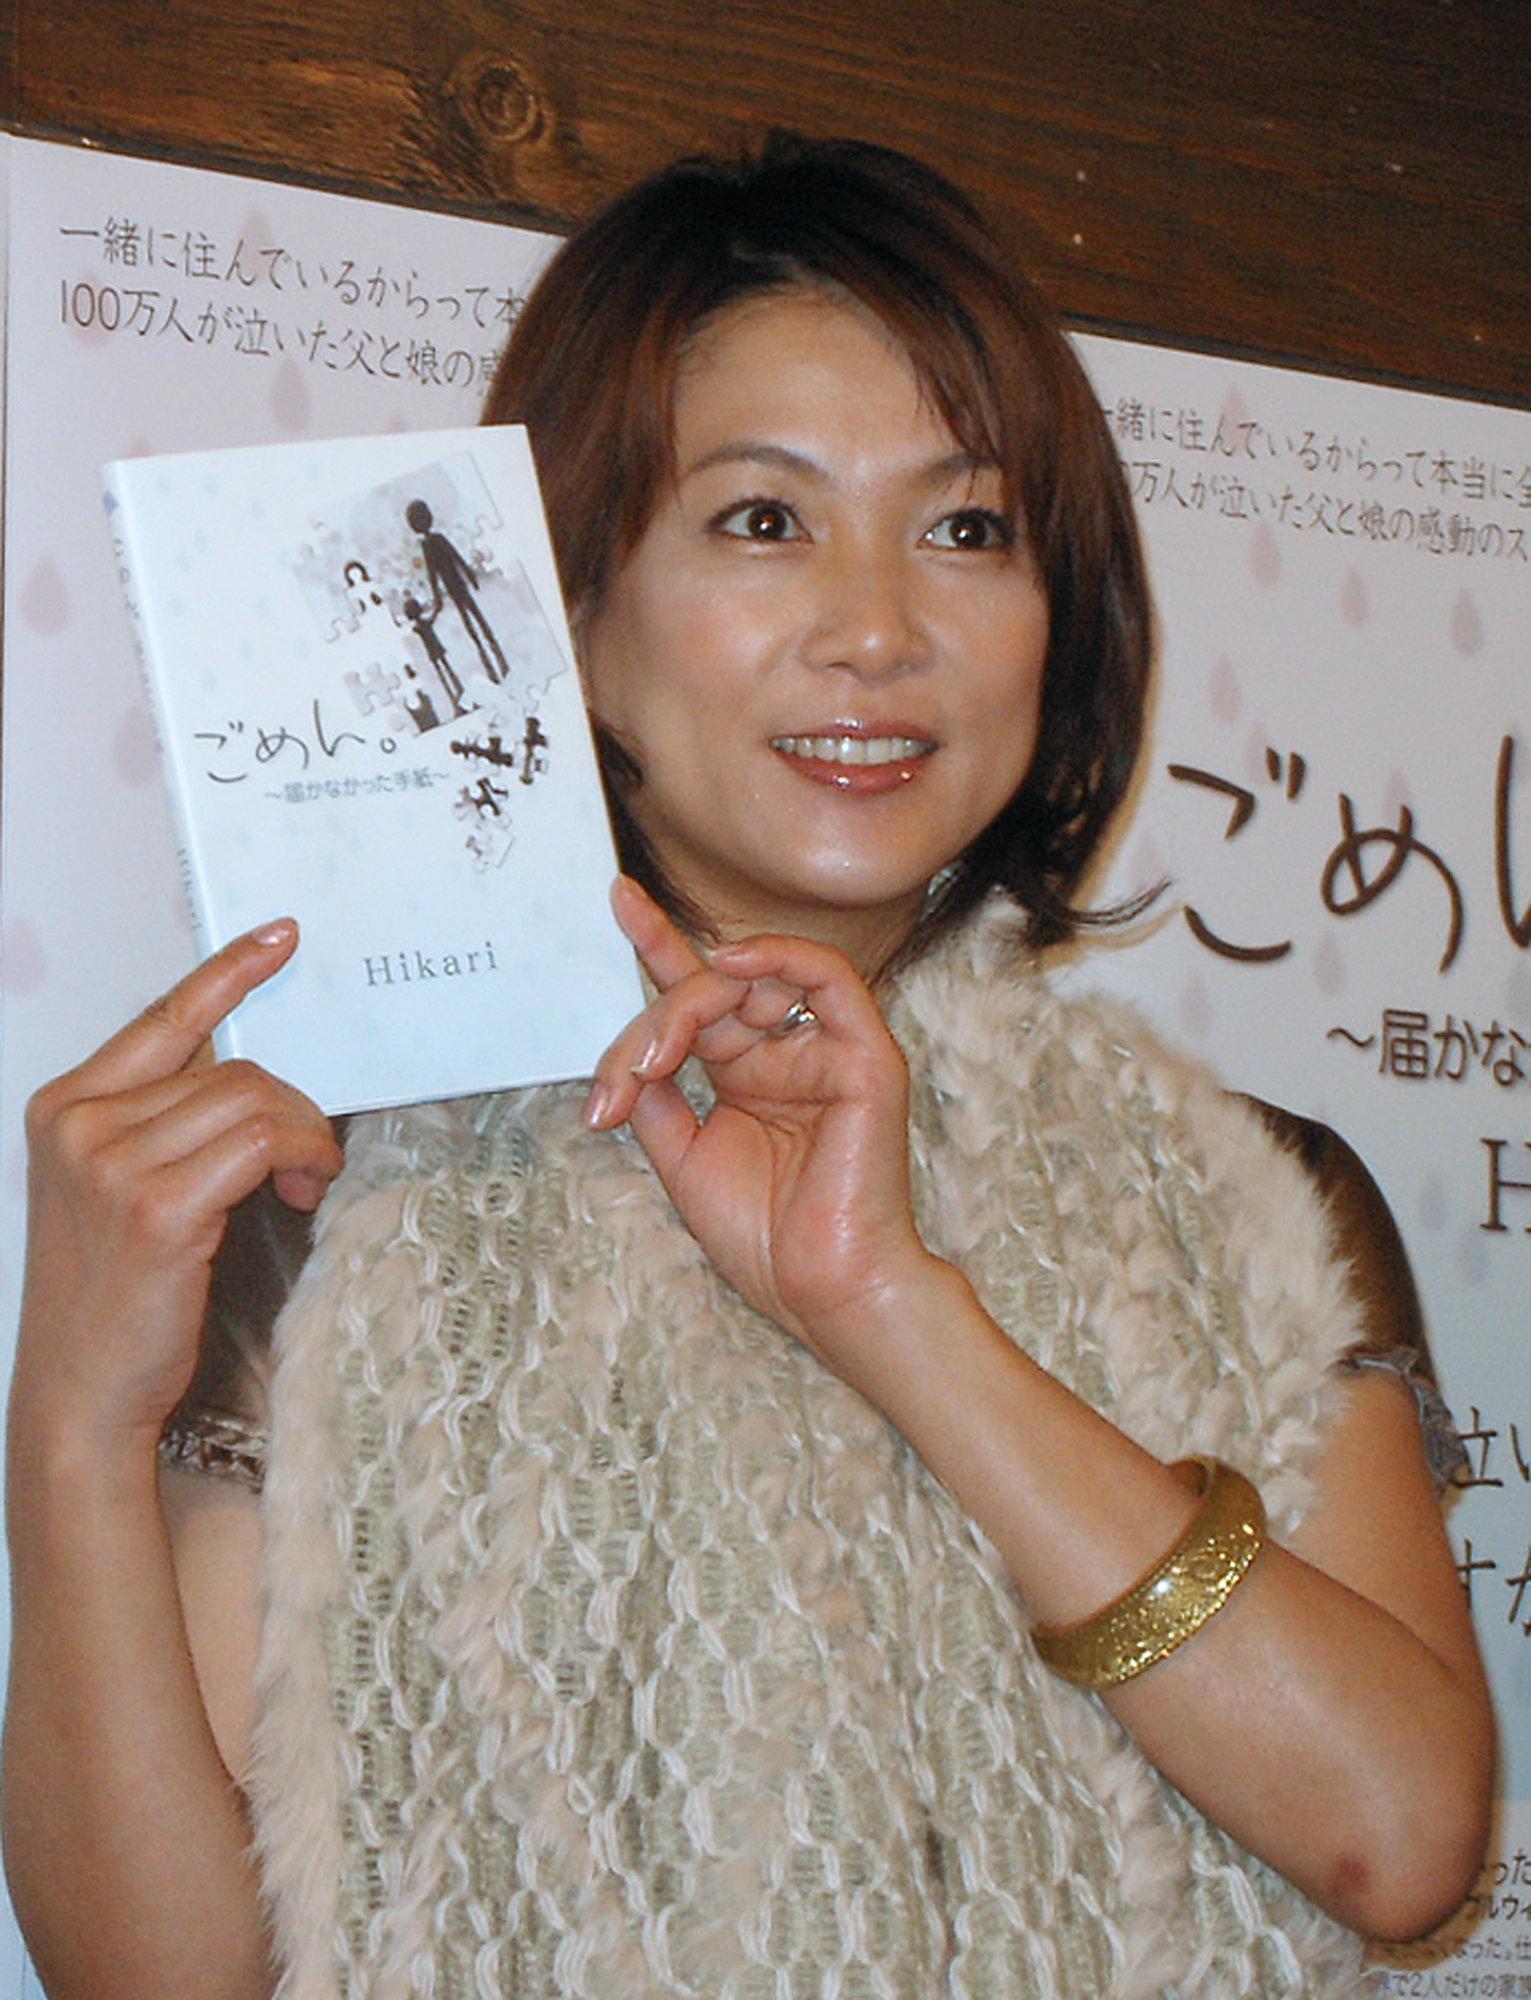 都内でオーディオブック「ごめん。~届かなかった手紙~」の公開朗読を行うタレントの堀ちえみさん(2007年撮影)